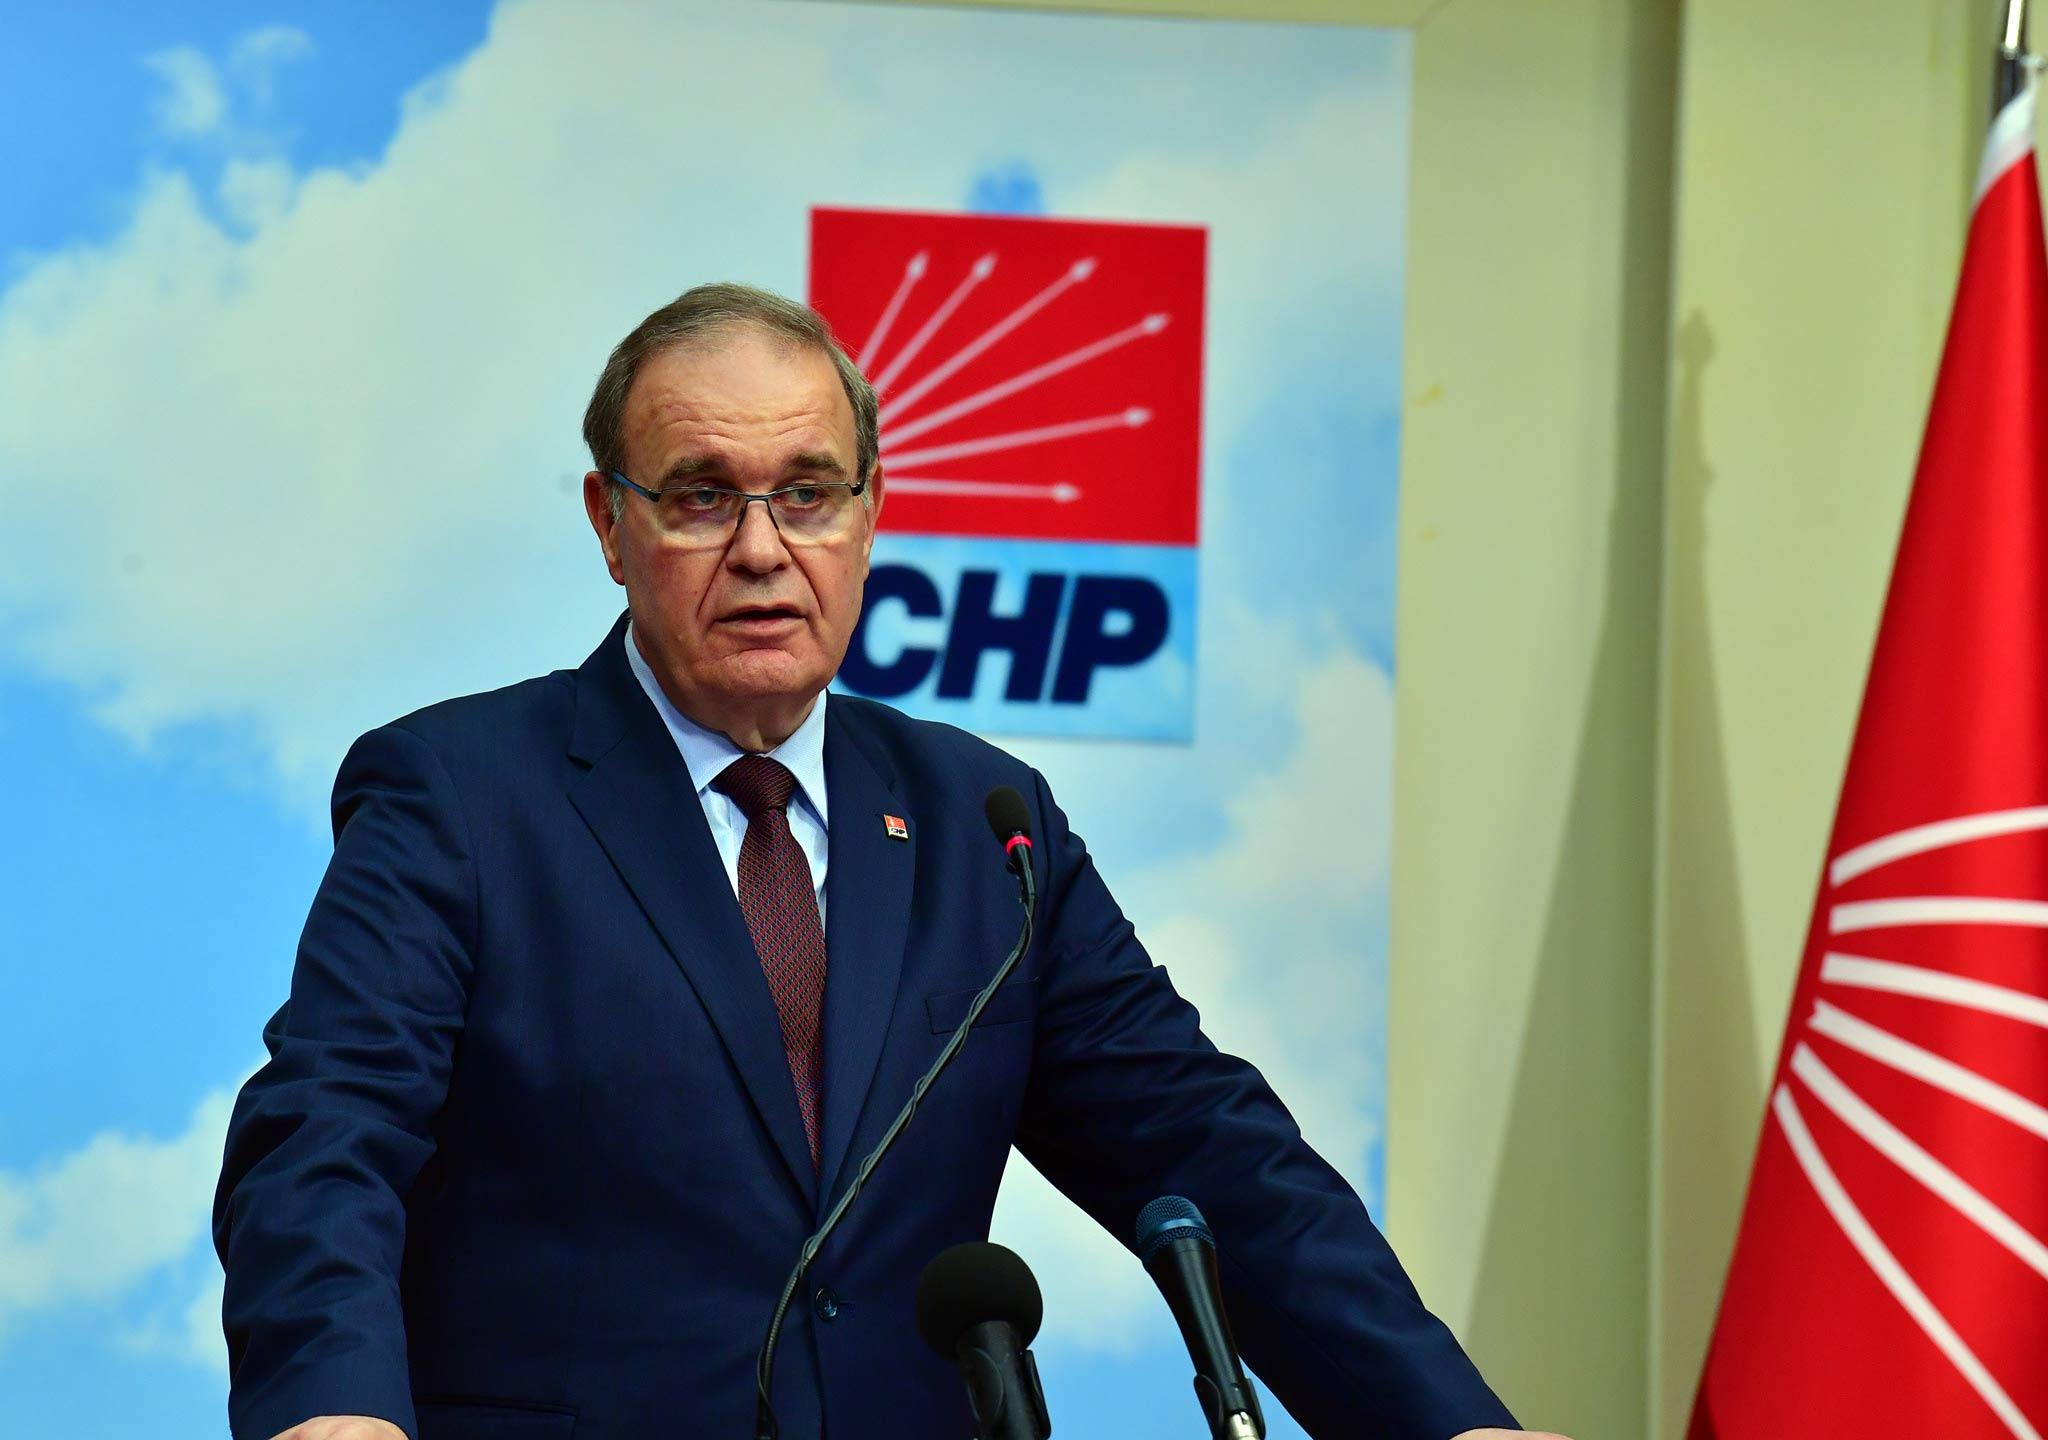 Merkez Bankası Başkanı Çetinkaya'nın görevden alınmasına CHP'den ilk tepki: Bunu yapanlar 'Bizim ekonomimize güvenin' deme hakkını kaybetmiştir